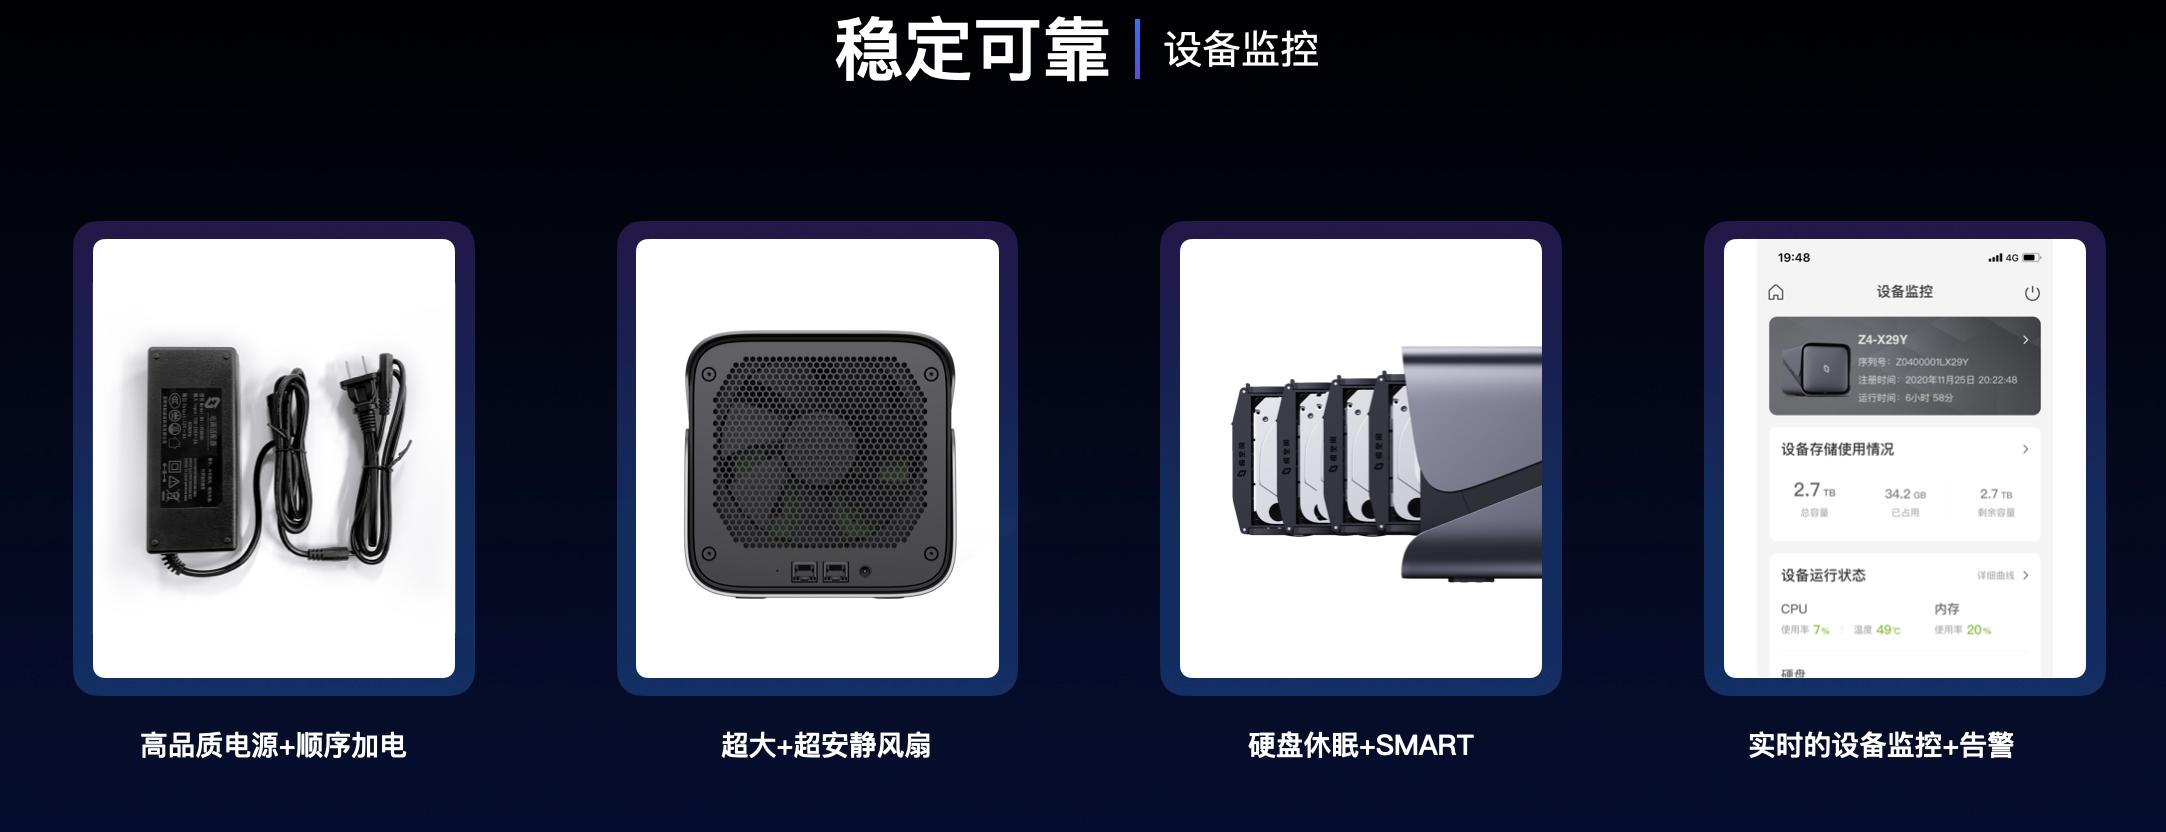 图片[5]-NAS新玩家 极空间Z2 / Z4 私人云正式发布,瞄准威&群 定价1199/2399元起-思安阁